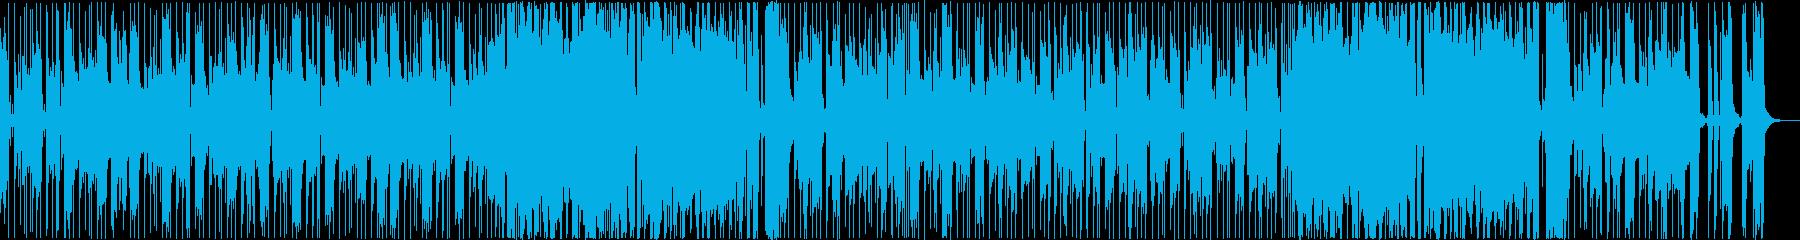 ゆったりクールなファンクミュージックの再生済みの波形